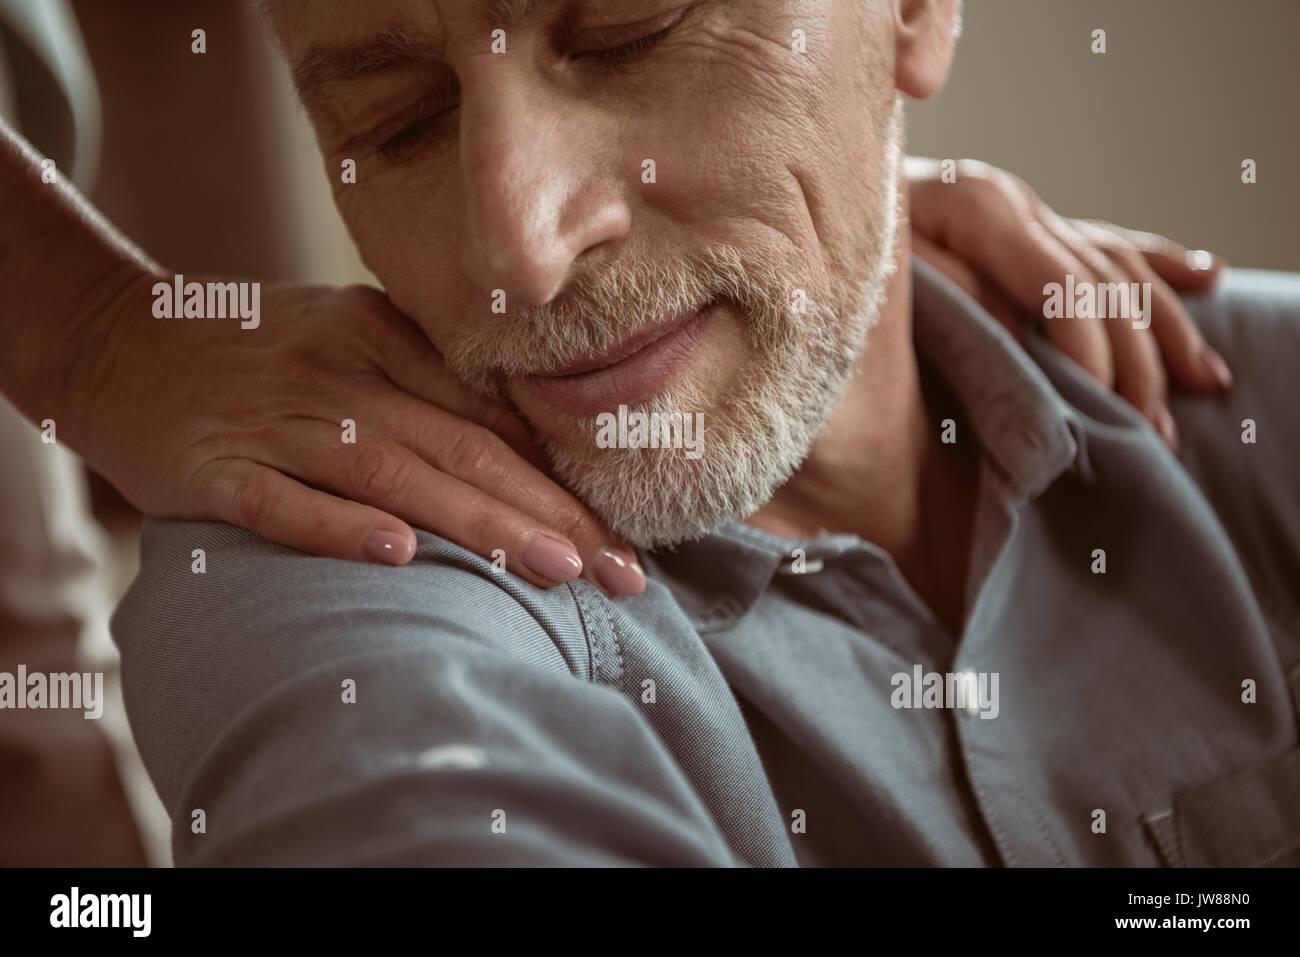 Zarte Frau, Hände auf den Schultern des Mannes mit geschlossenen Augen Stockbild